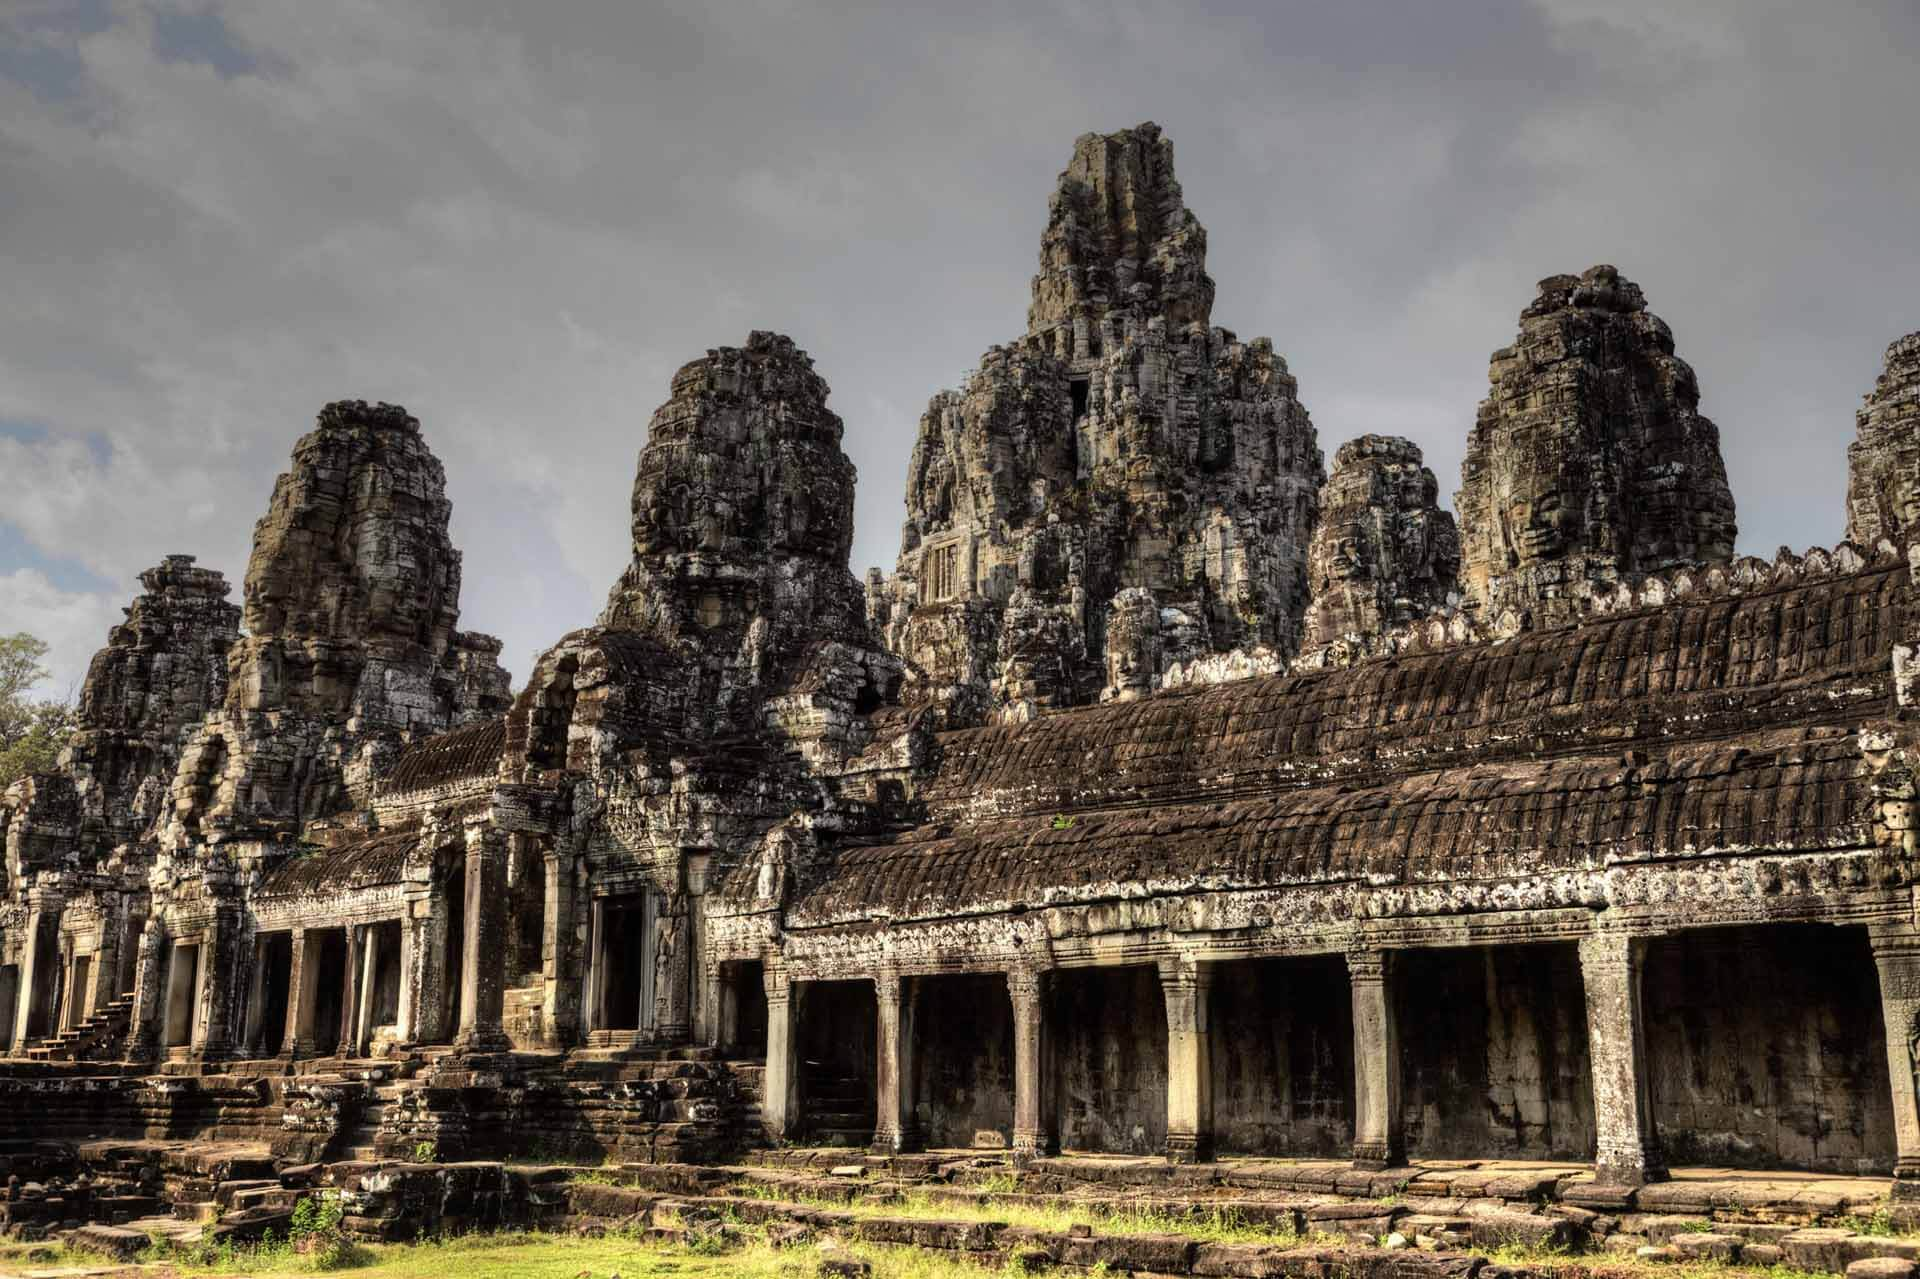 Bayon Tempel in Angkor Thom mit Gesichtertürmen